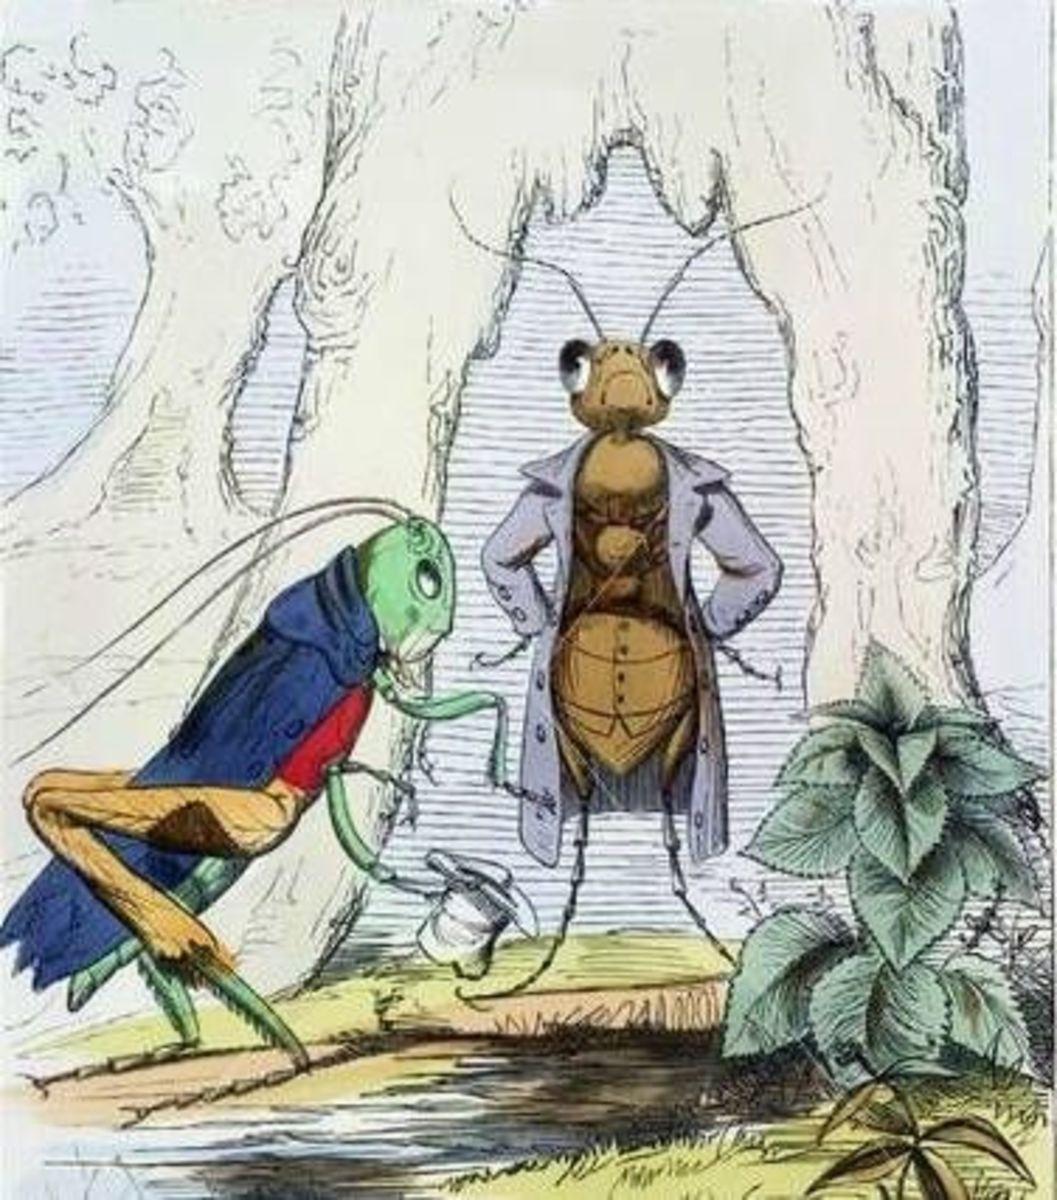 C. H. Bennett: Ant and Grasshopper